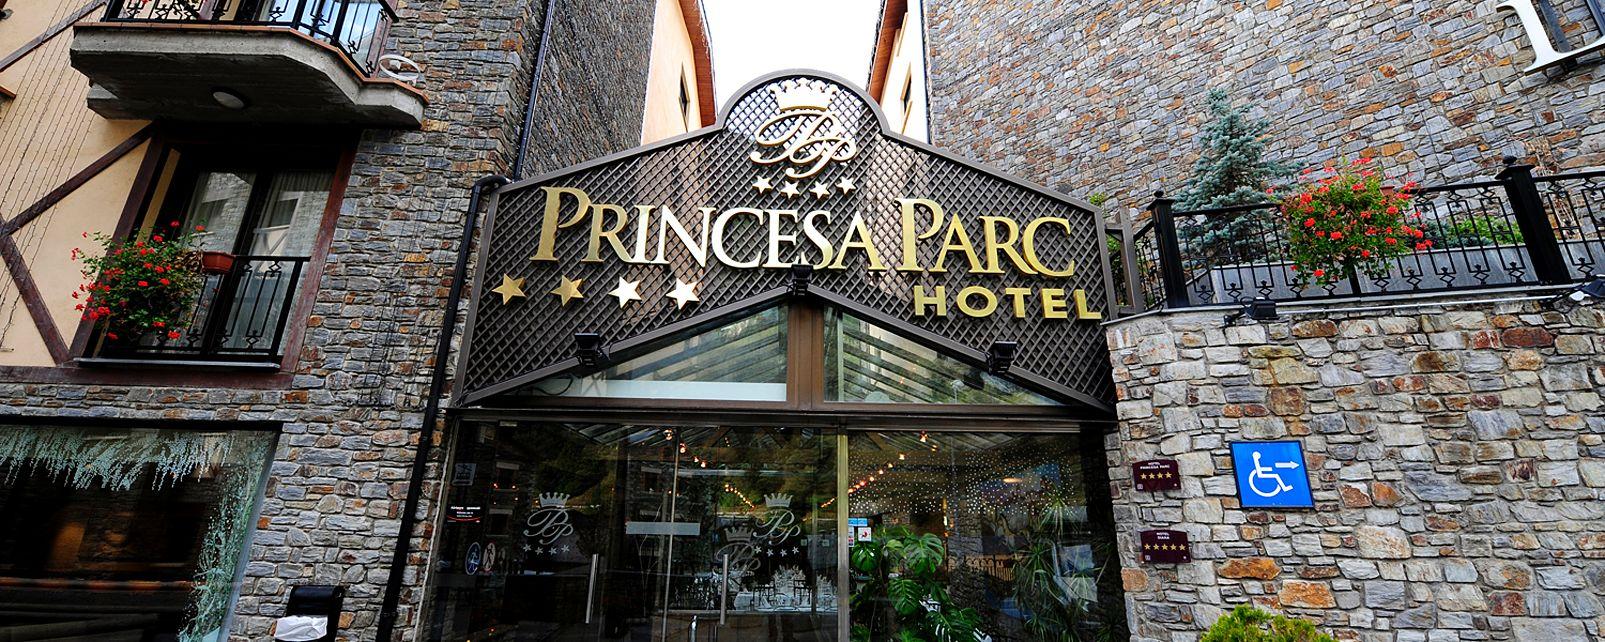 Hôtel Spa Princesa Parc Andorra